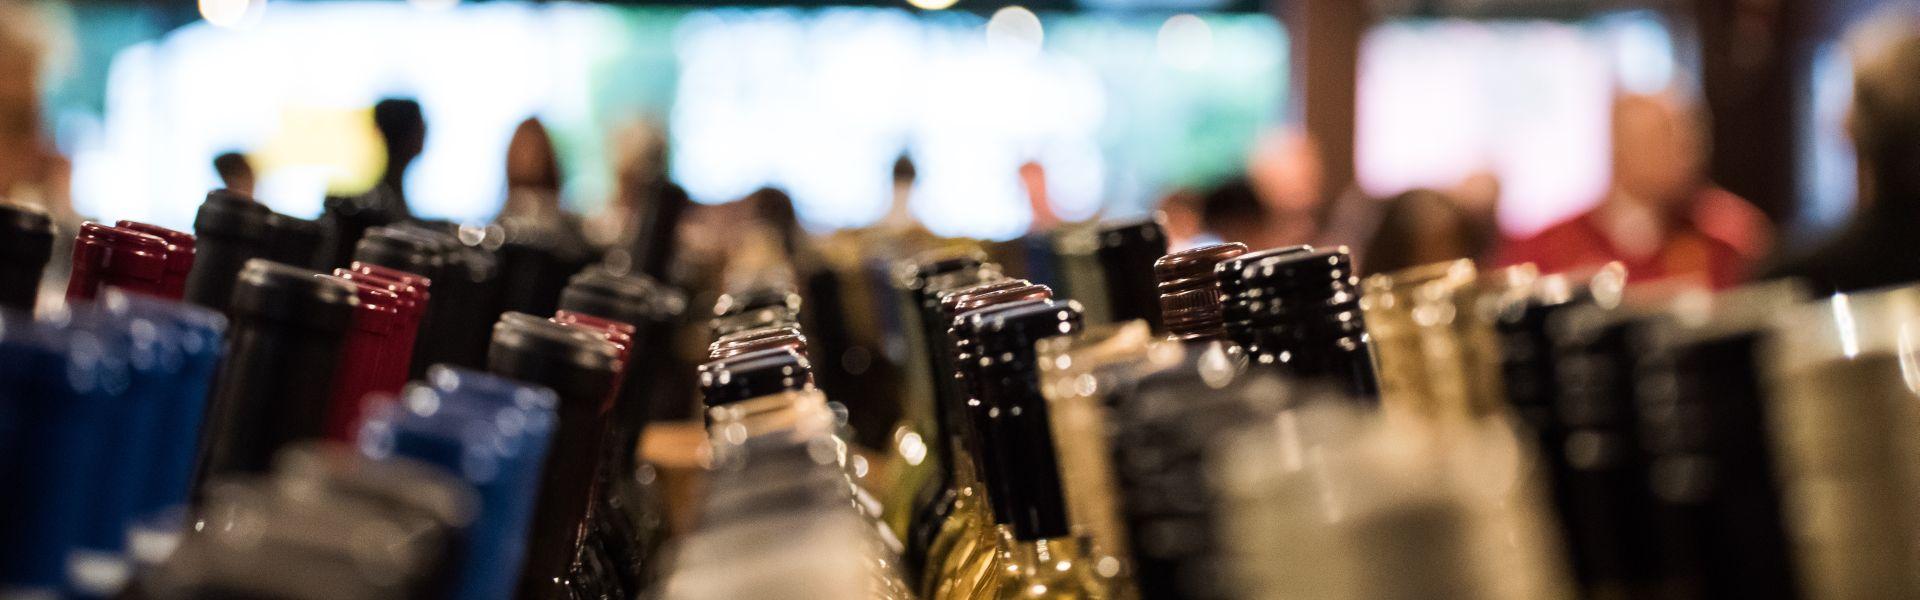 Bottles_Slide